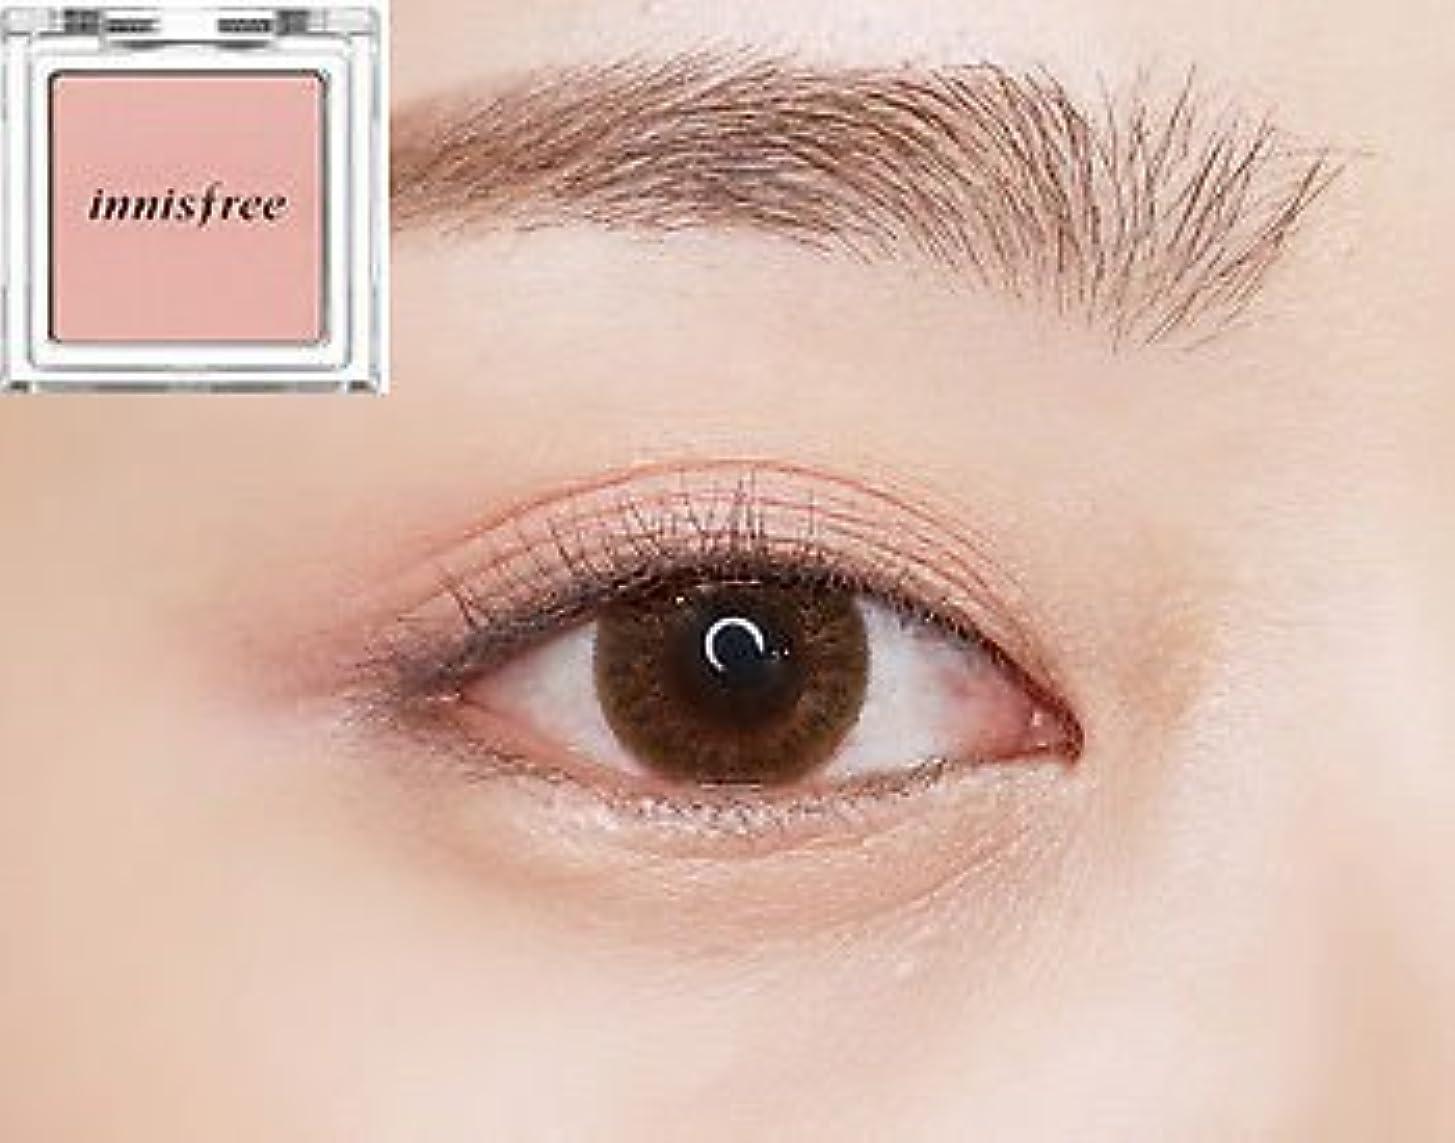 愛情深い胆嚢カタログ[イニスフリー] innisfree [マイ パレット マイ アイシャドウ (シマ一) 39カラー] MY PALETTE My Eyeshadow (Shimmer) 39 Shades [海外直送品] (シマ一 #03)